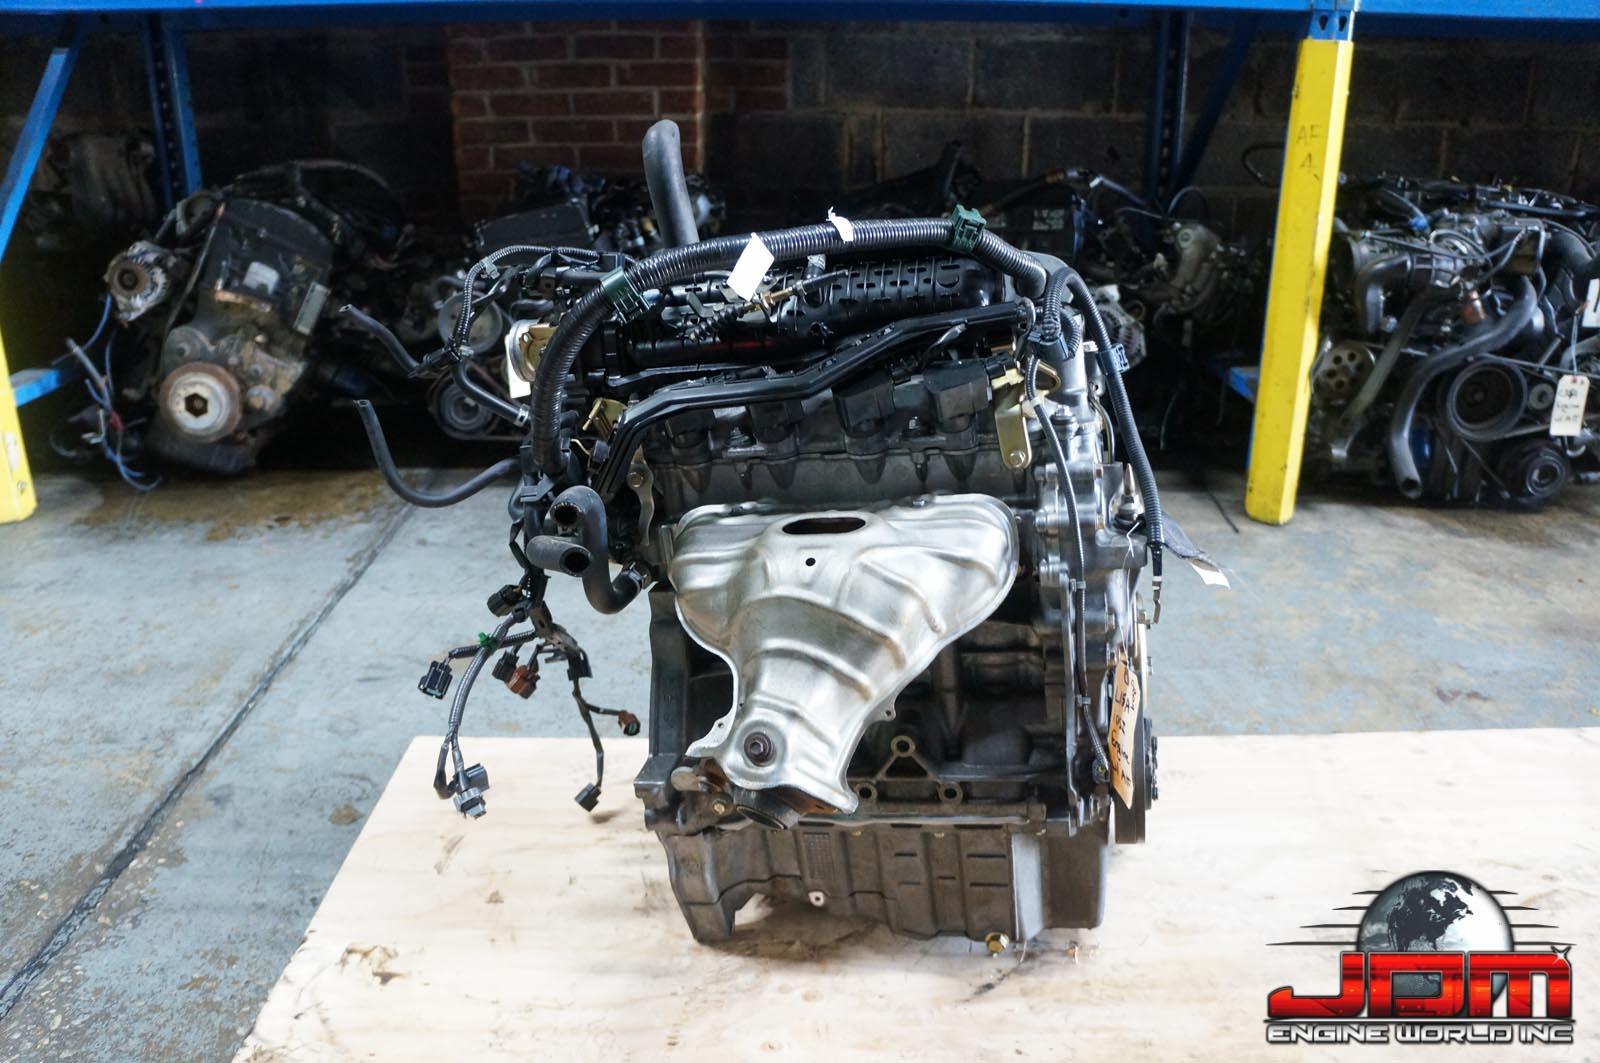 01 02 03 04 05 06 HONDA FIT L15A ENGINE 1.5L iDSI JDM L15